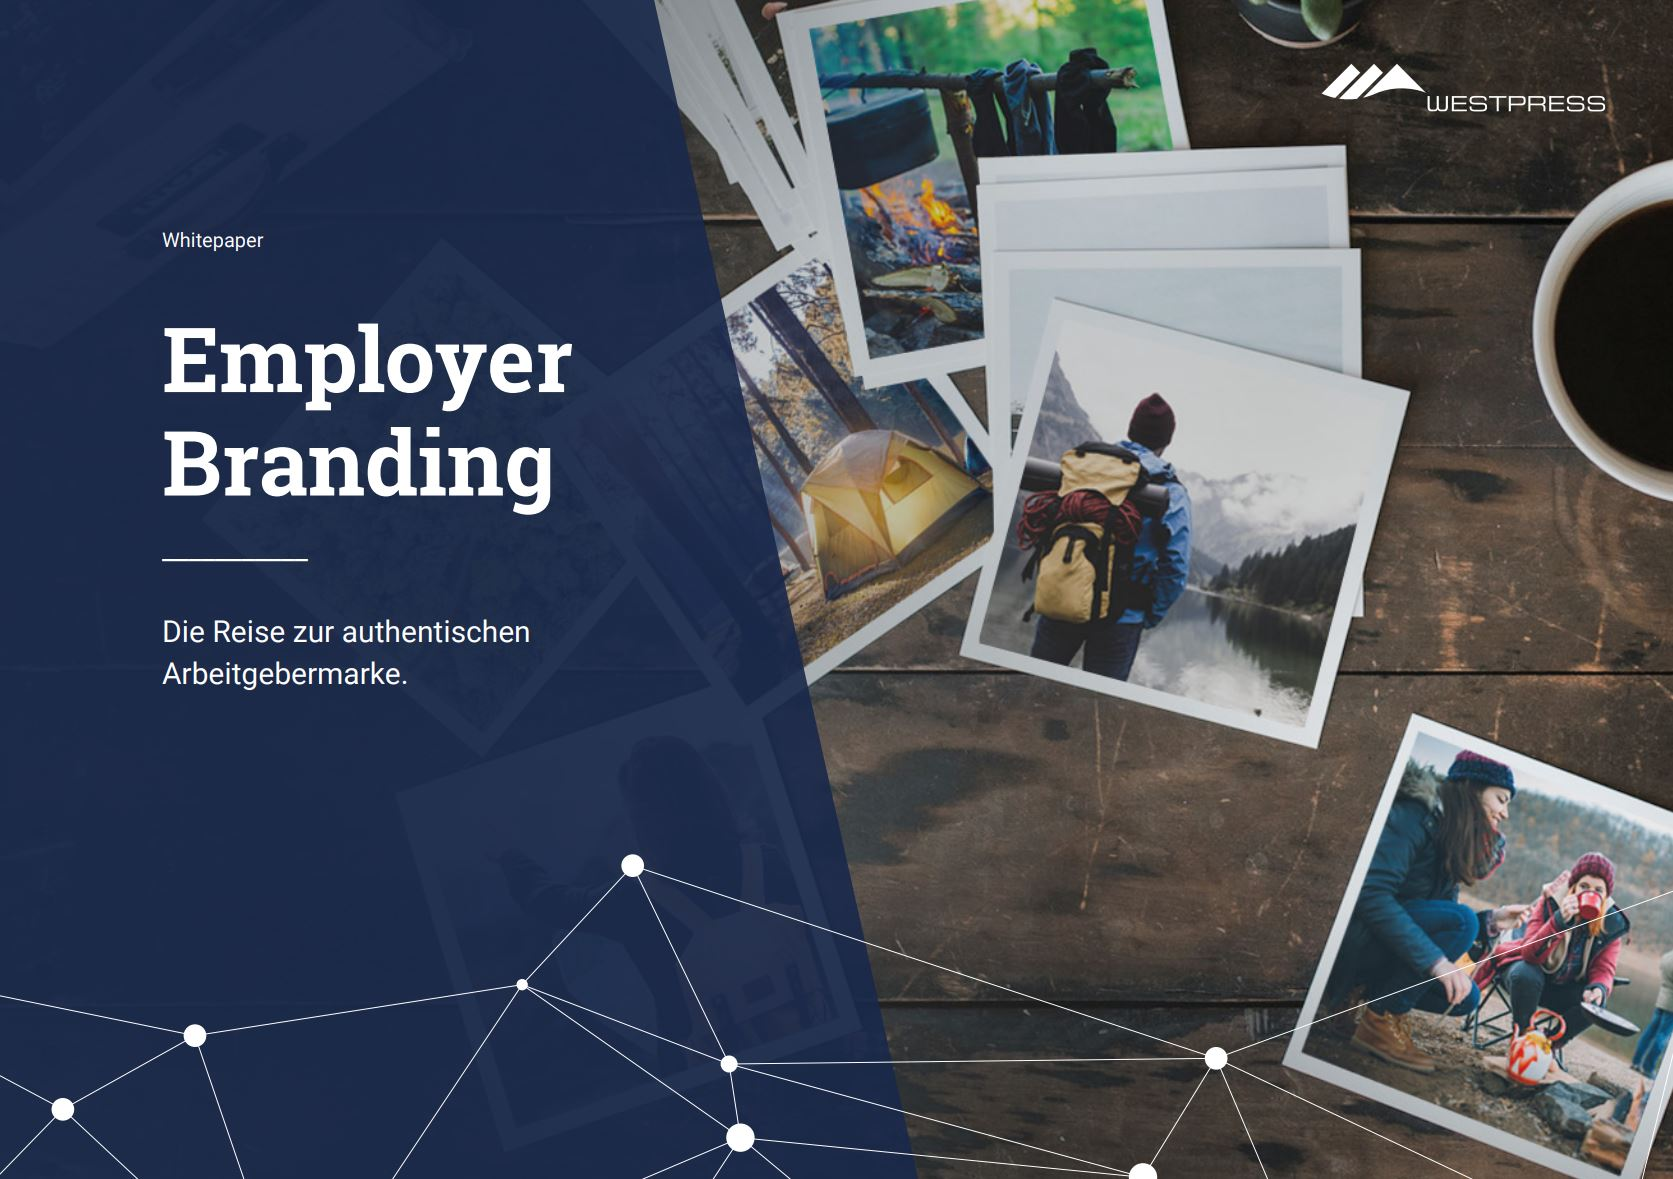 Employer Branding – Die Reise zur authentischen Arbeitgebermarke